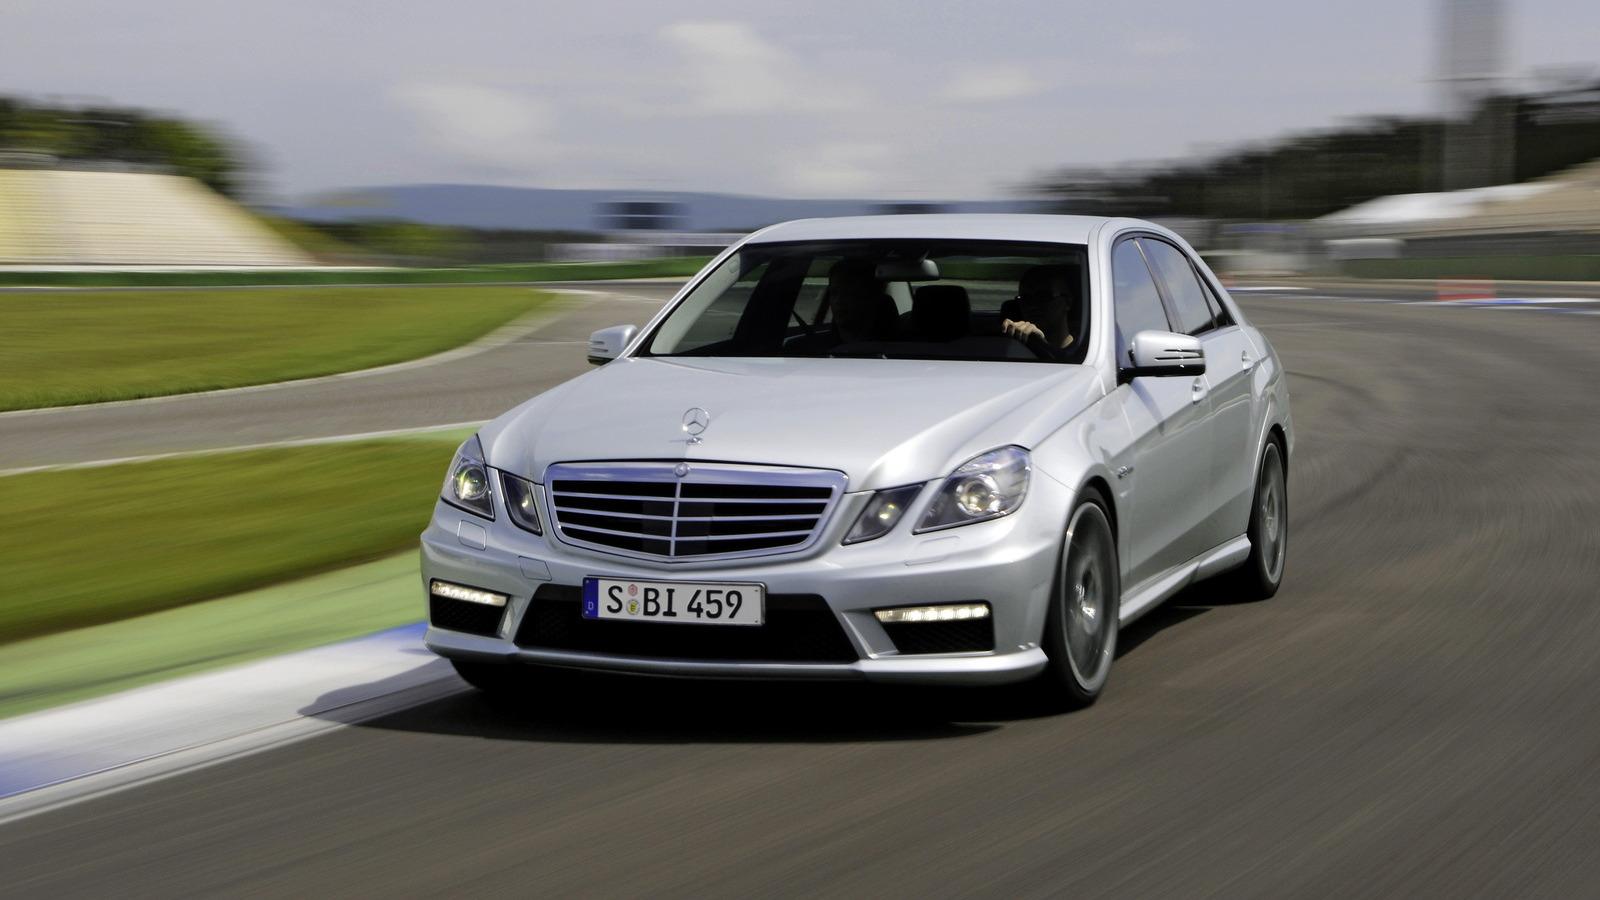 2010 Mercedes-Benz E 63 AMG upgrades